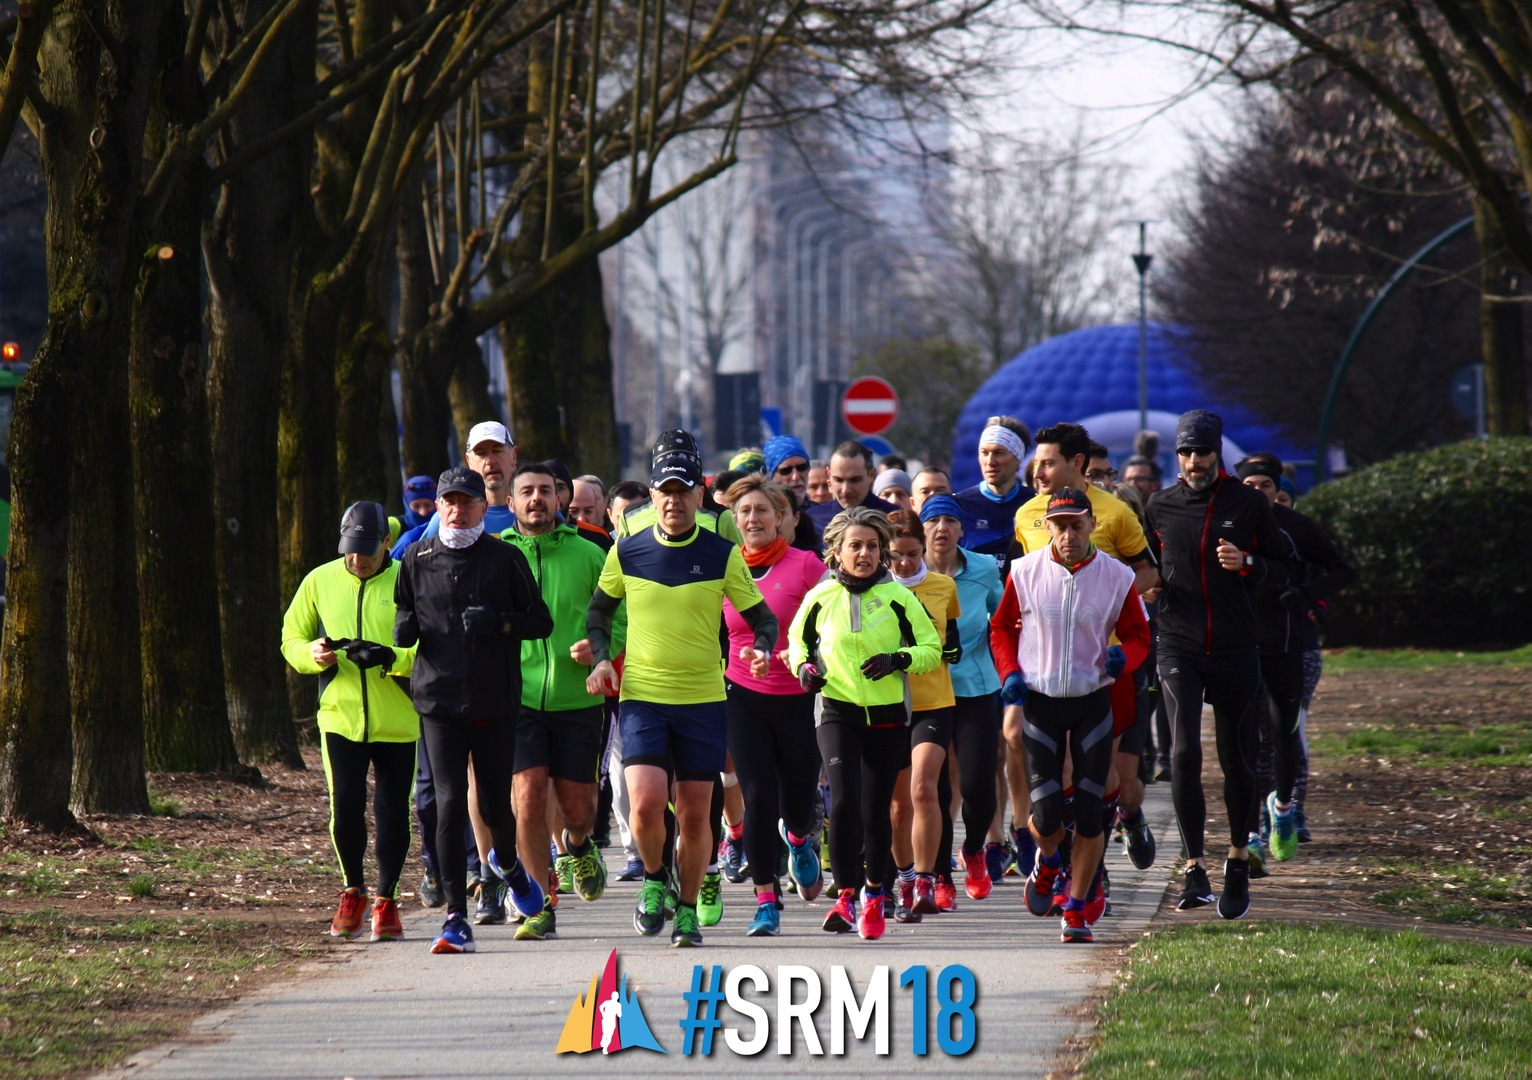 Una delle sedute di allenamento preparatorio per la Salomon Running 2018